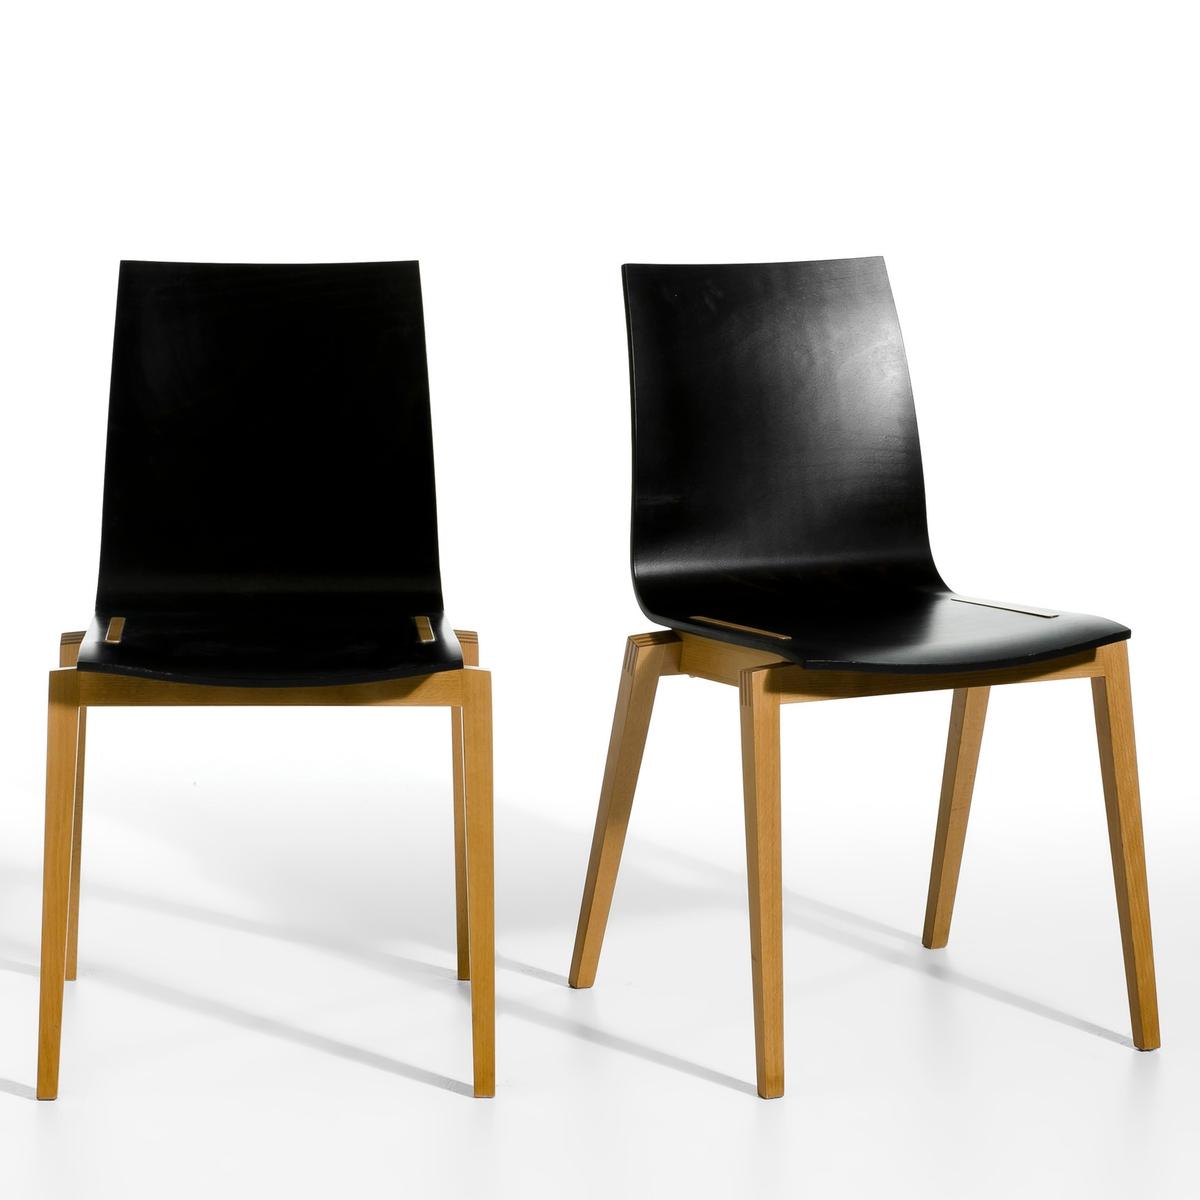 2 стула из массива бука, Soumam